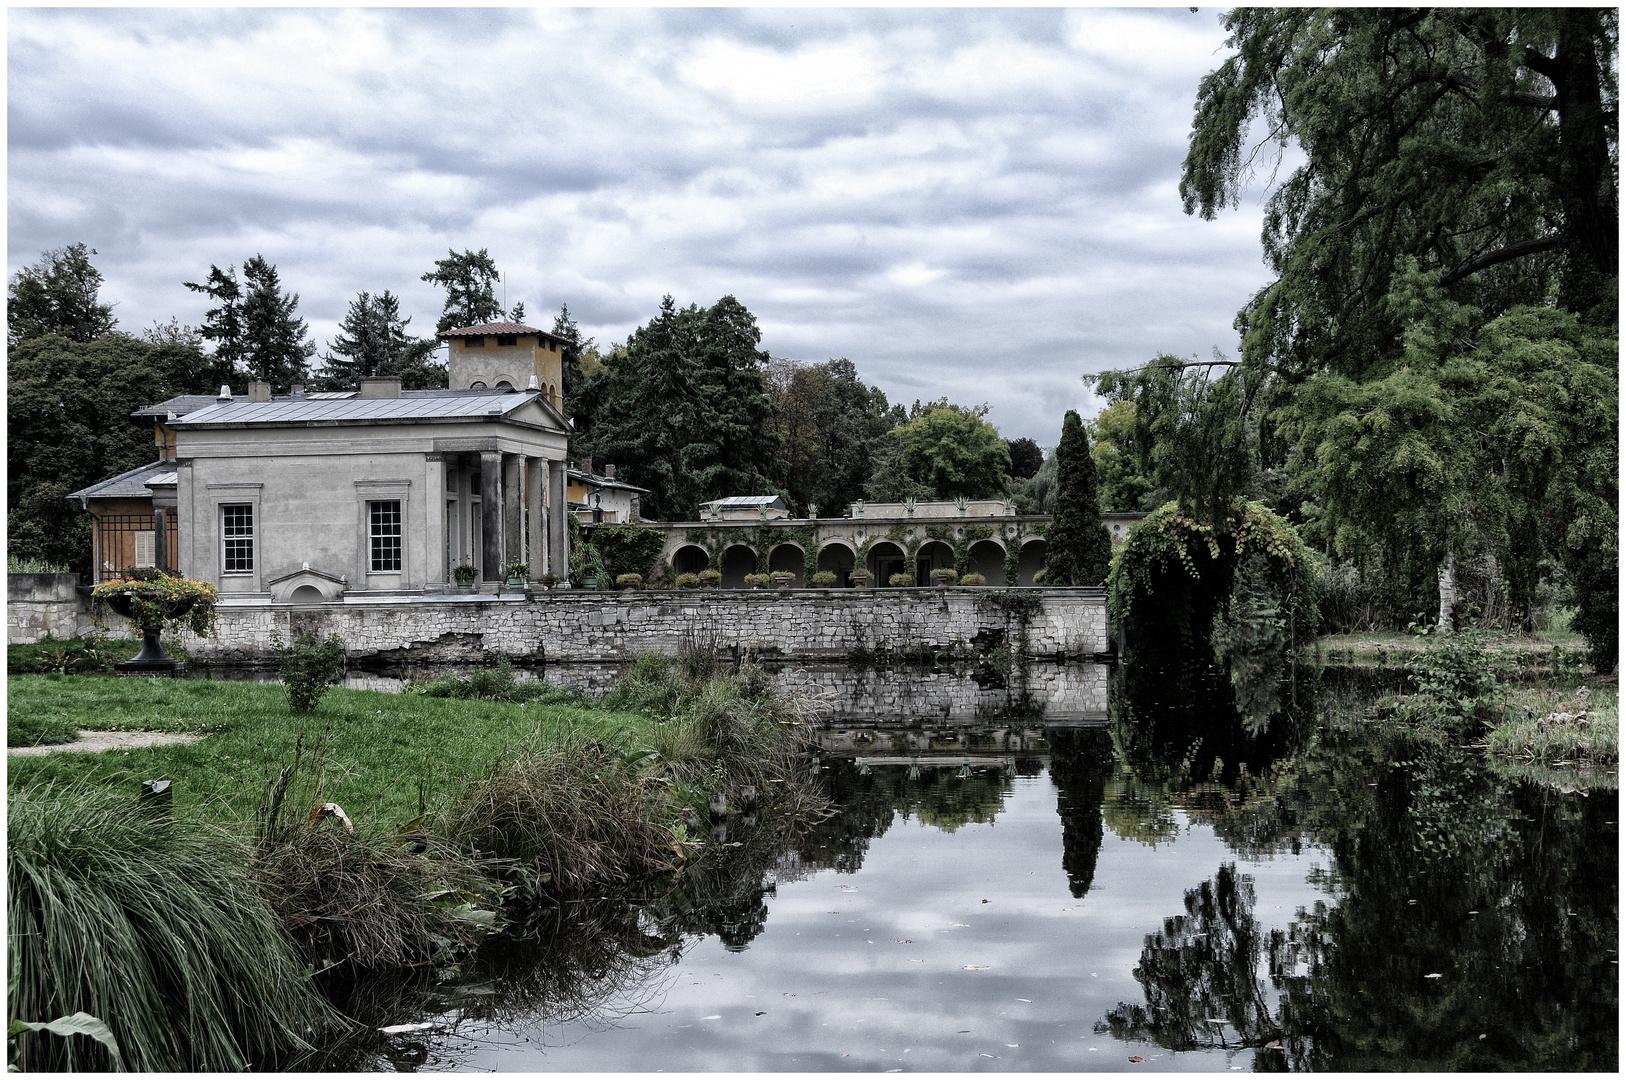 Römische Bäder im Park Sanssouci